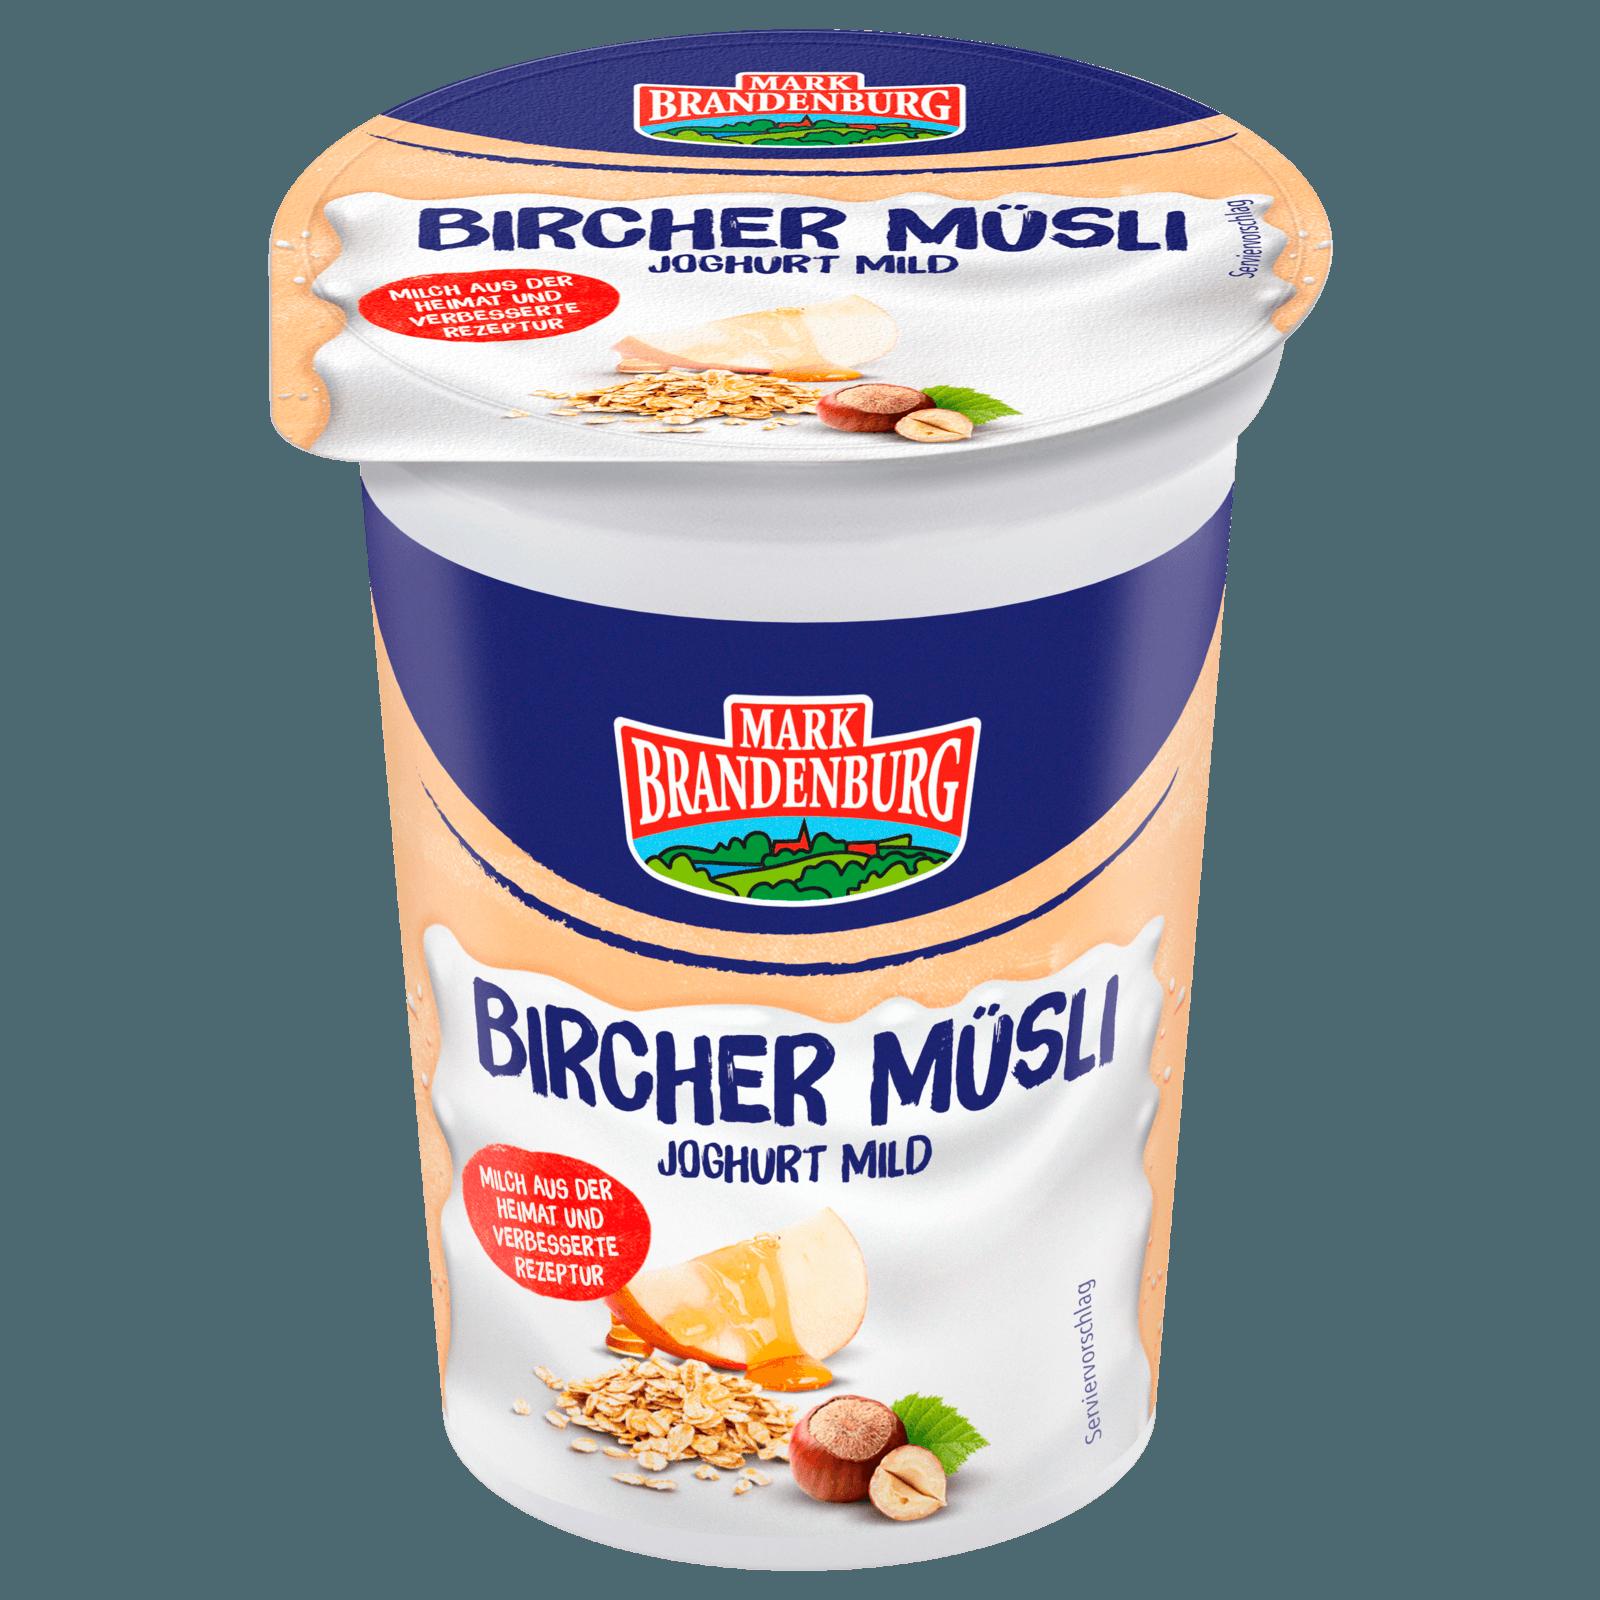 Mark Brandenburg Fruchtjoghurt Müsli 3,5% 200g